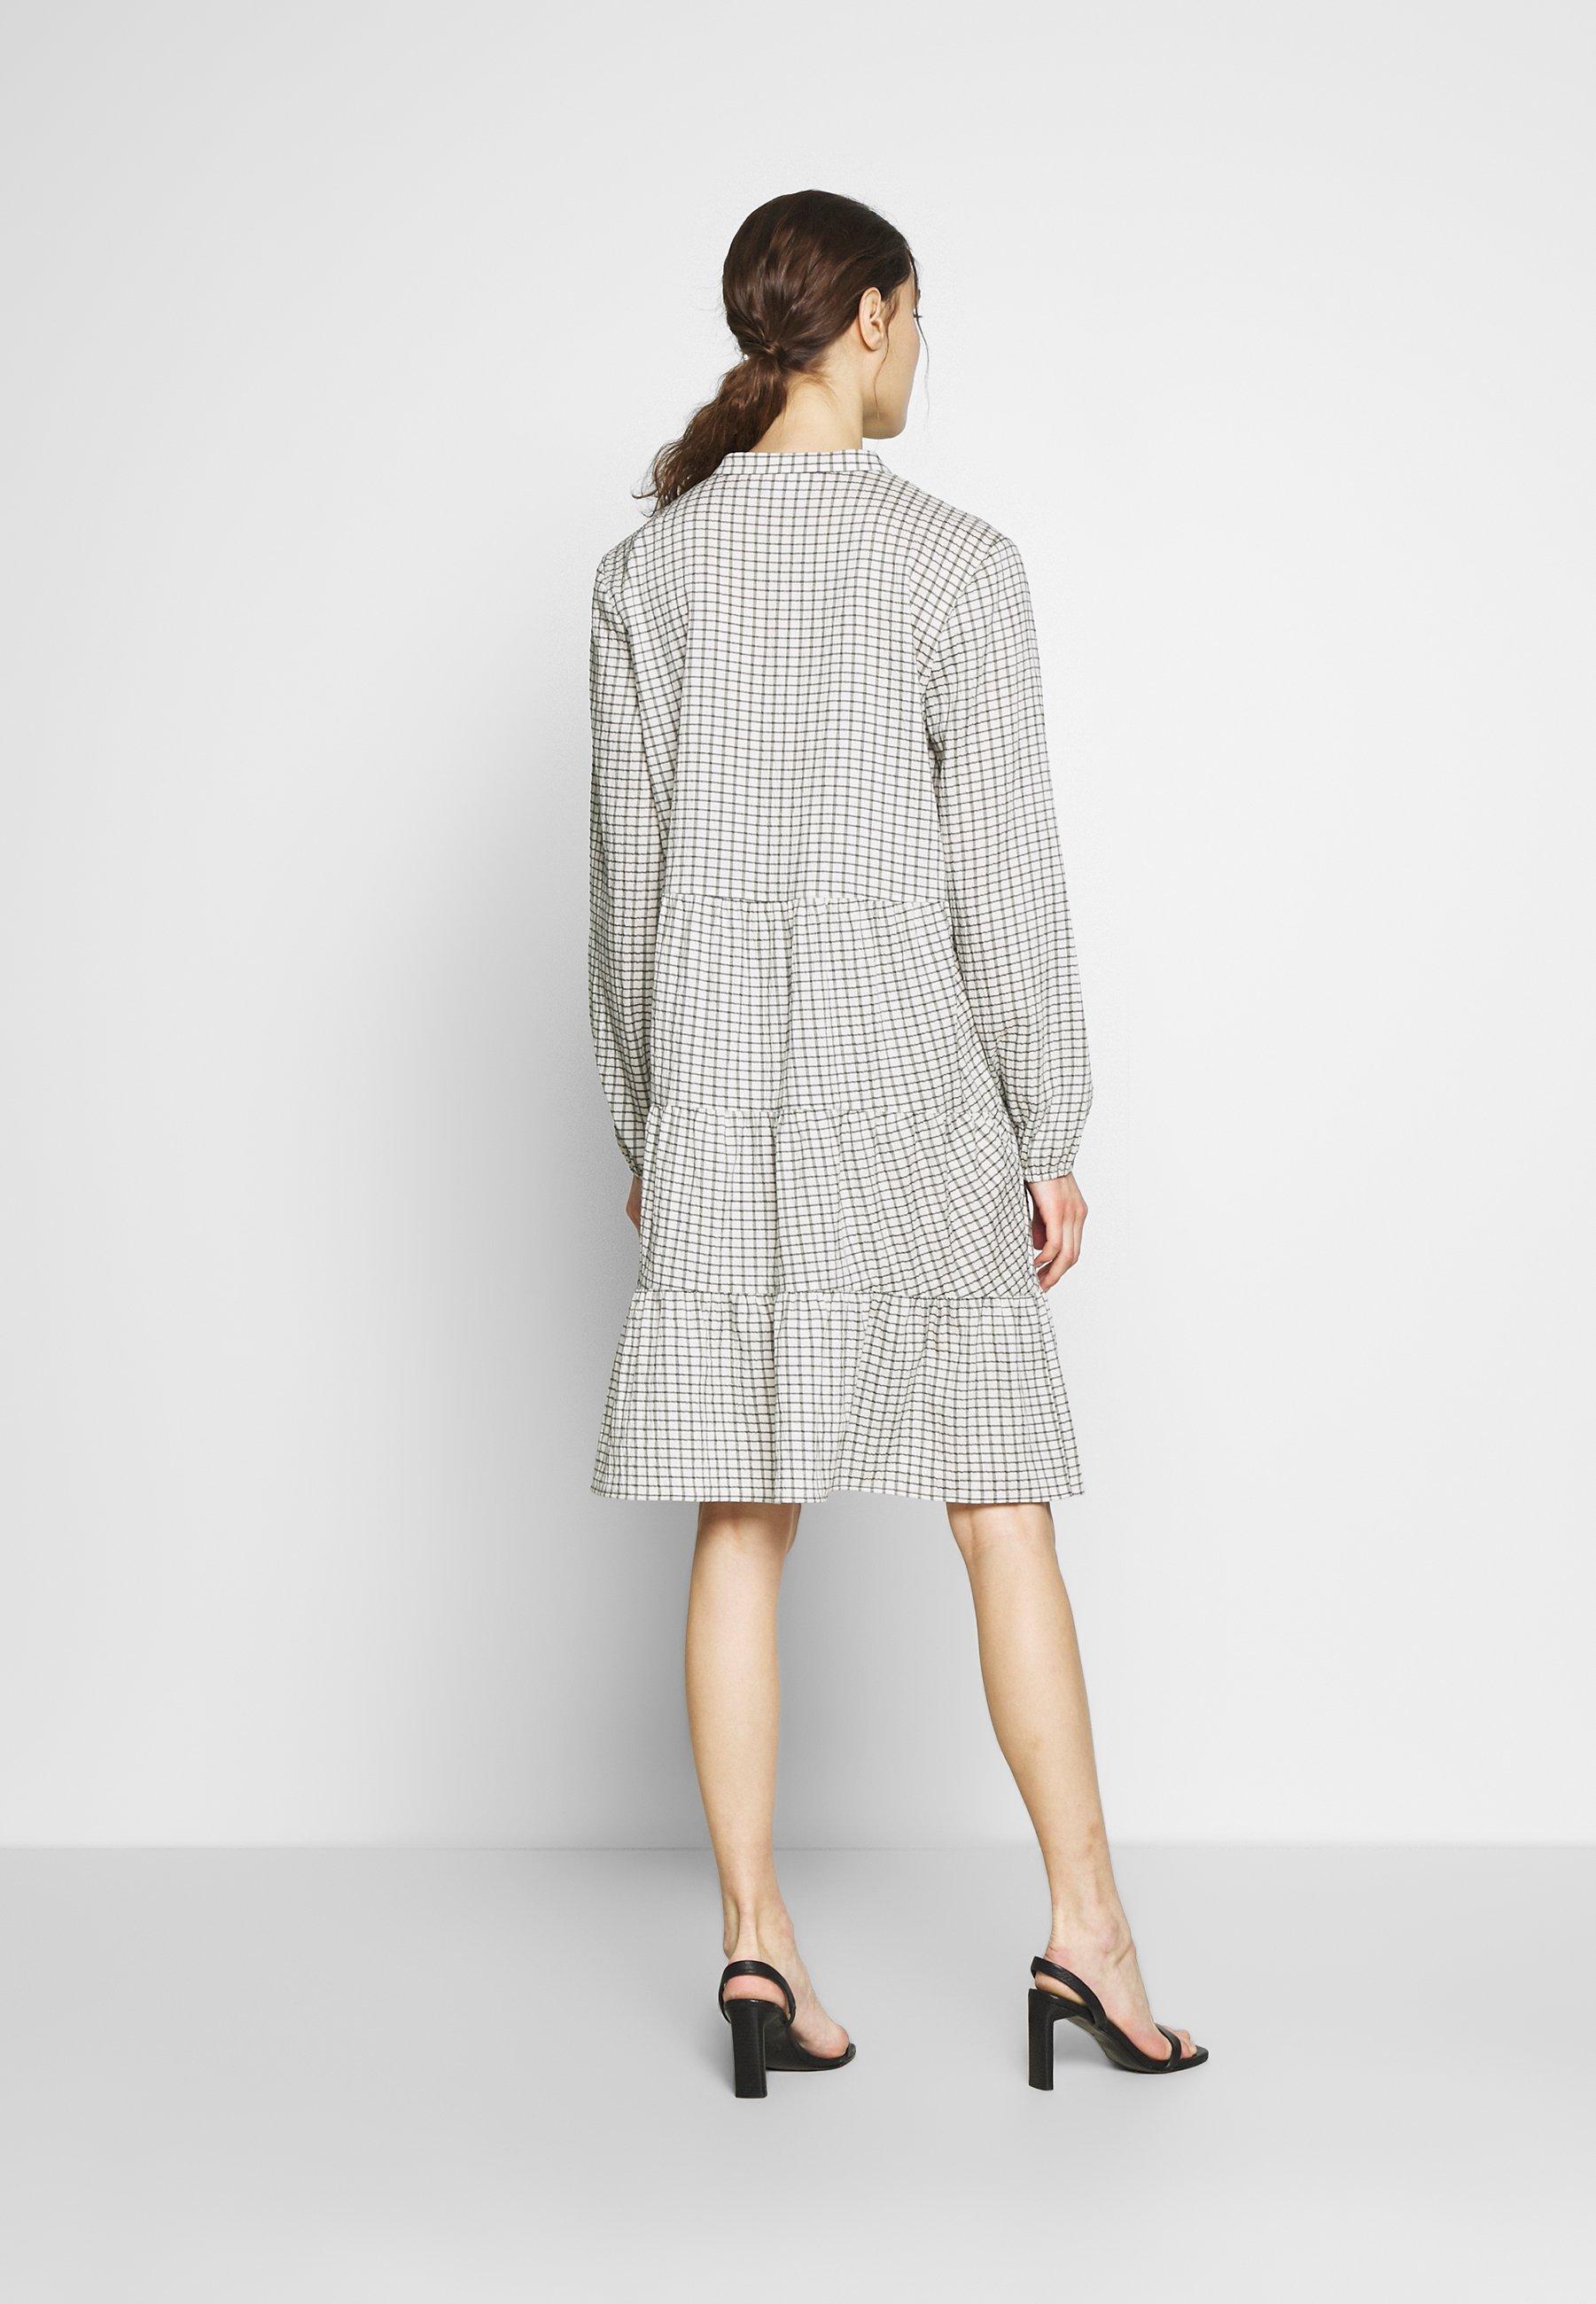 Saint Tropez Leasz Dress - Vardagsklänning Bright White